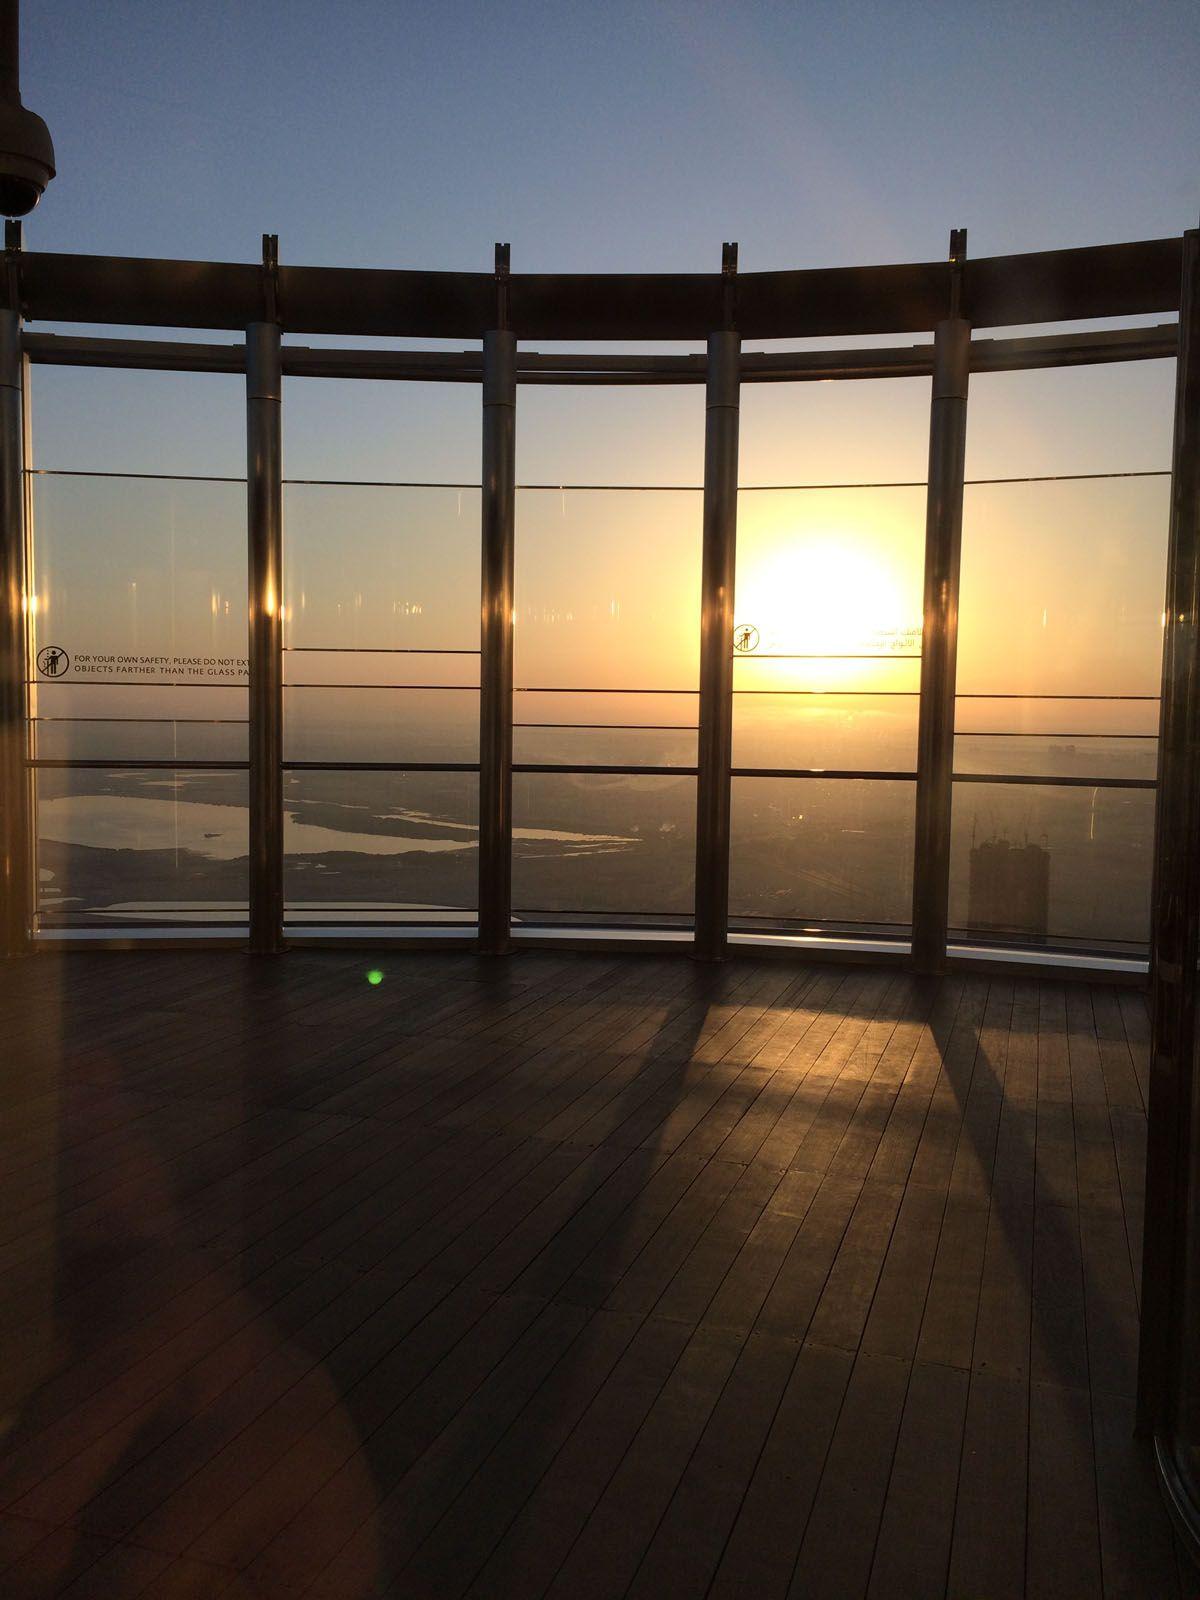 世界一だらけ!ブルジュハリファタワーと展望台